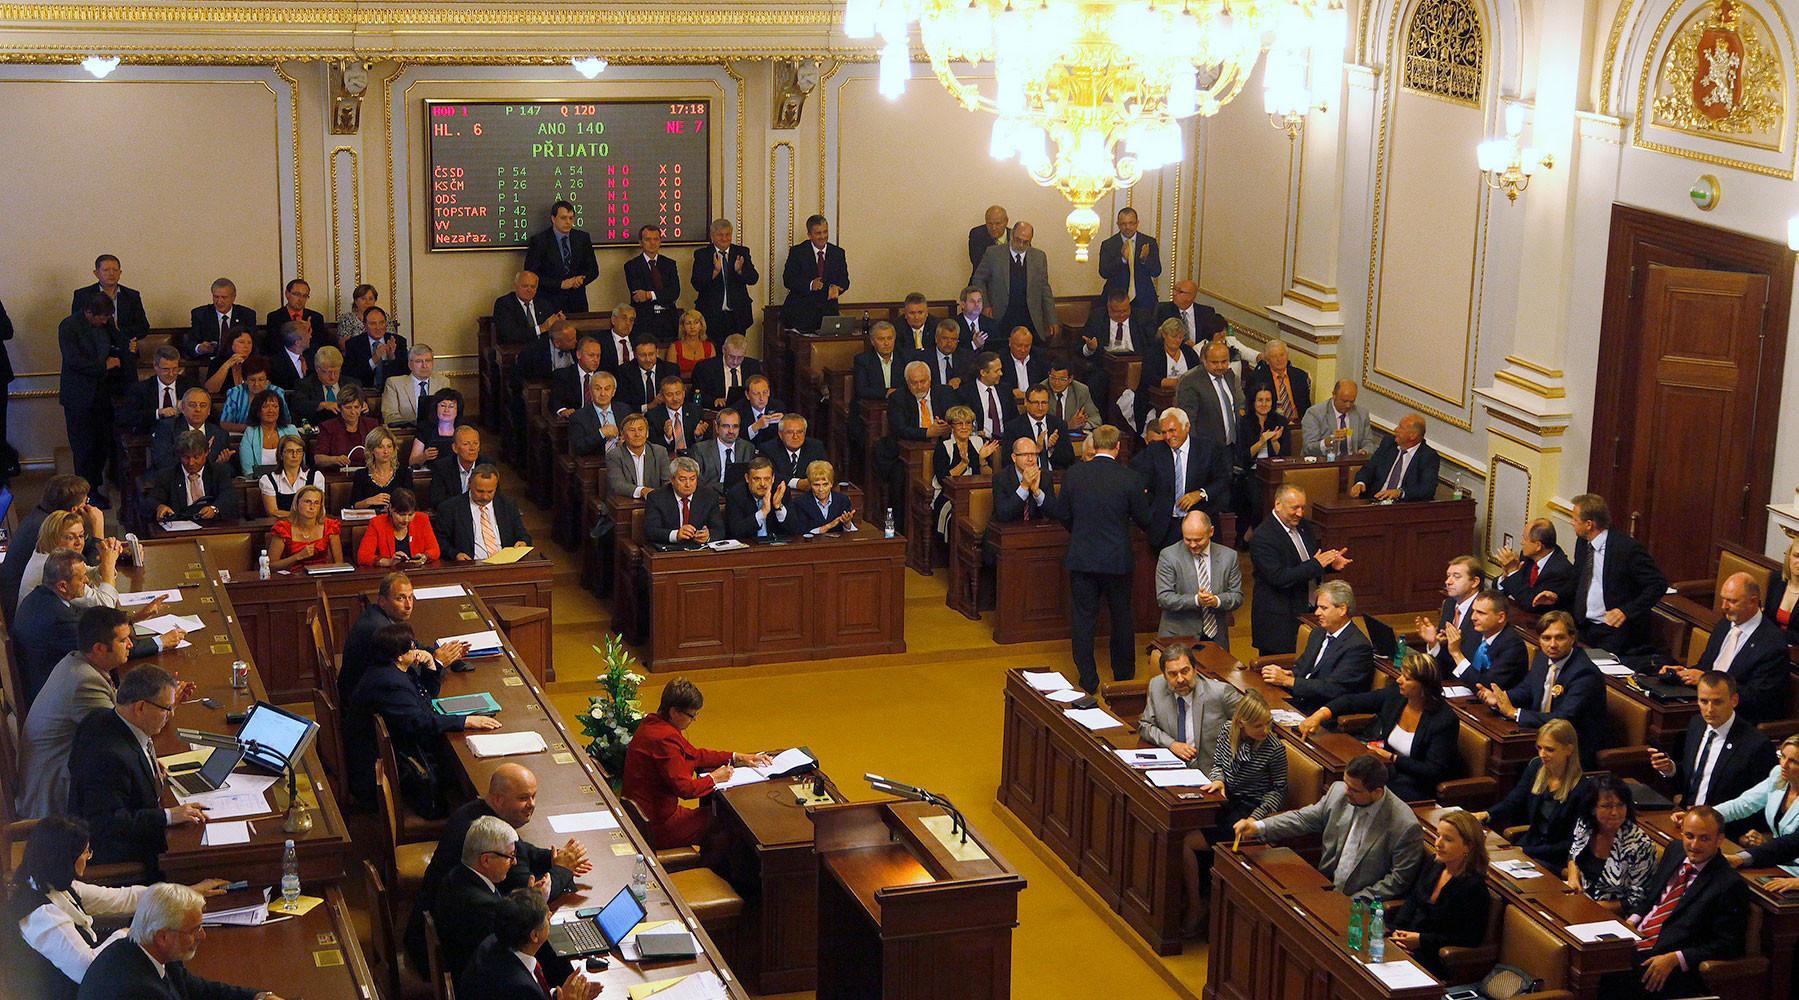 Явка избирателей в 1-ый из 2-х дней чешских парламентских выборов составила 40%